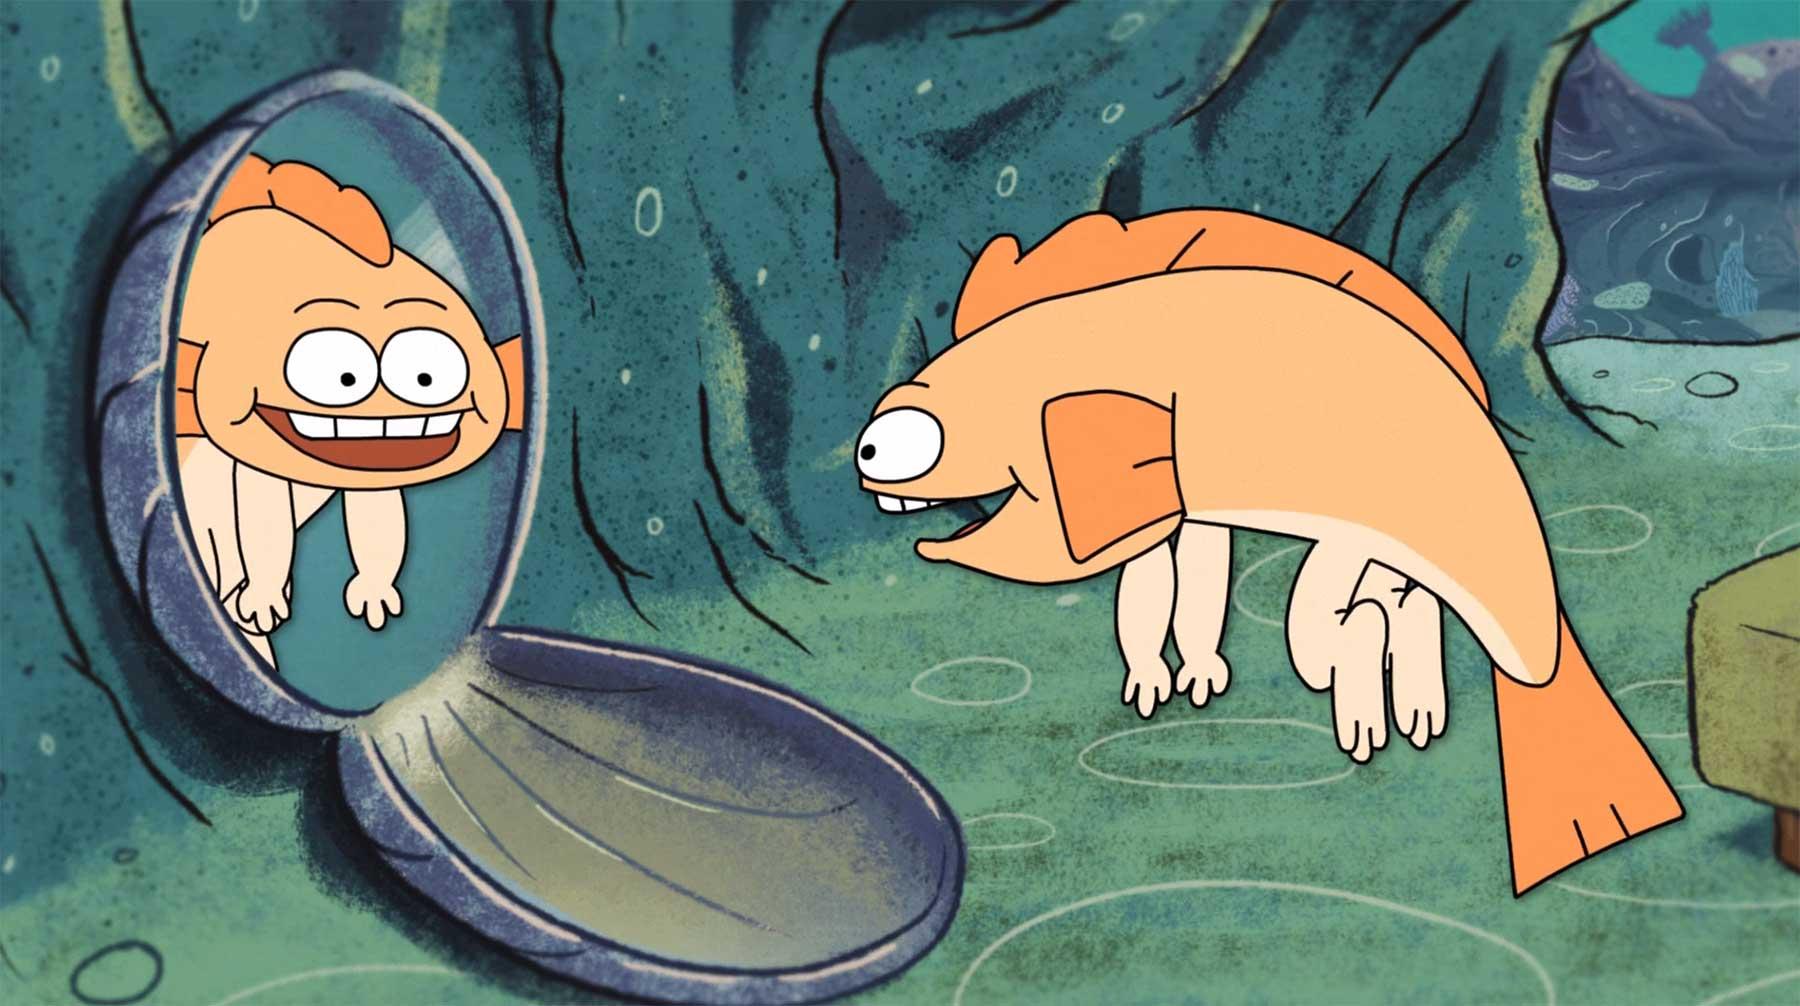 Als die Fische plötzlich Beine bekamen